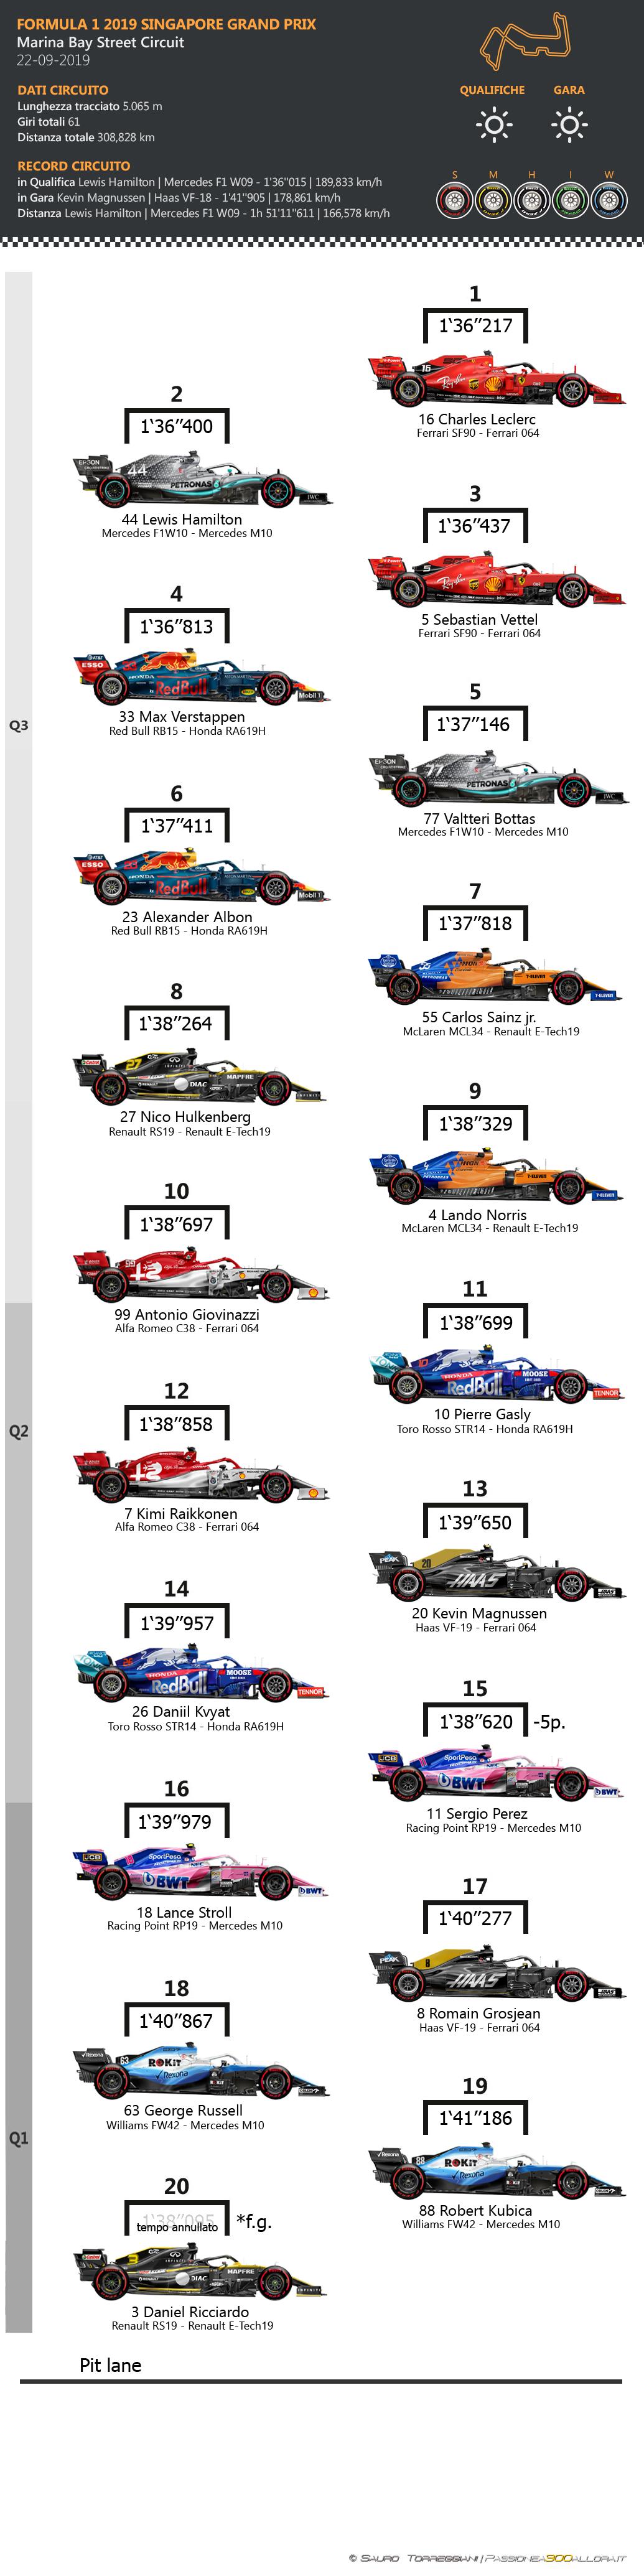 F1 | GP Singapore 2019: griglia di partenza, penalità e set a disposizione 1